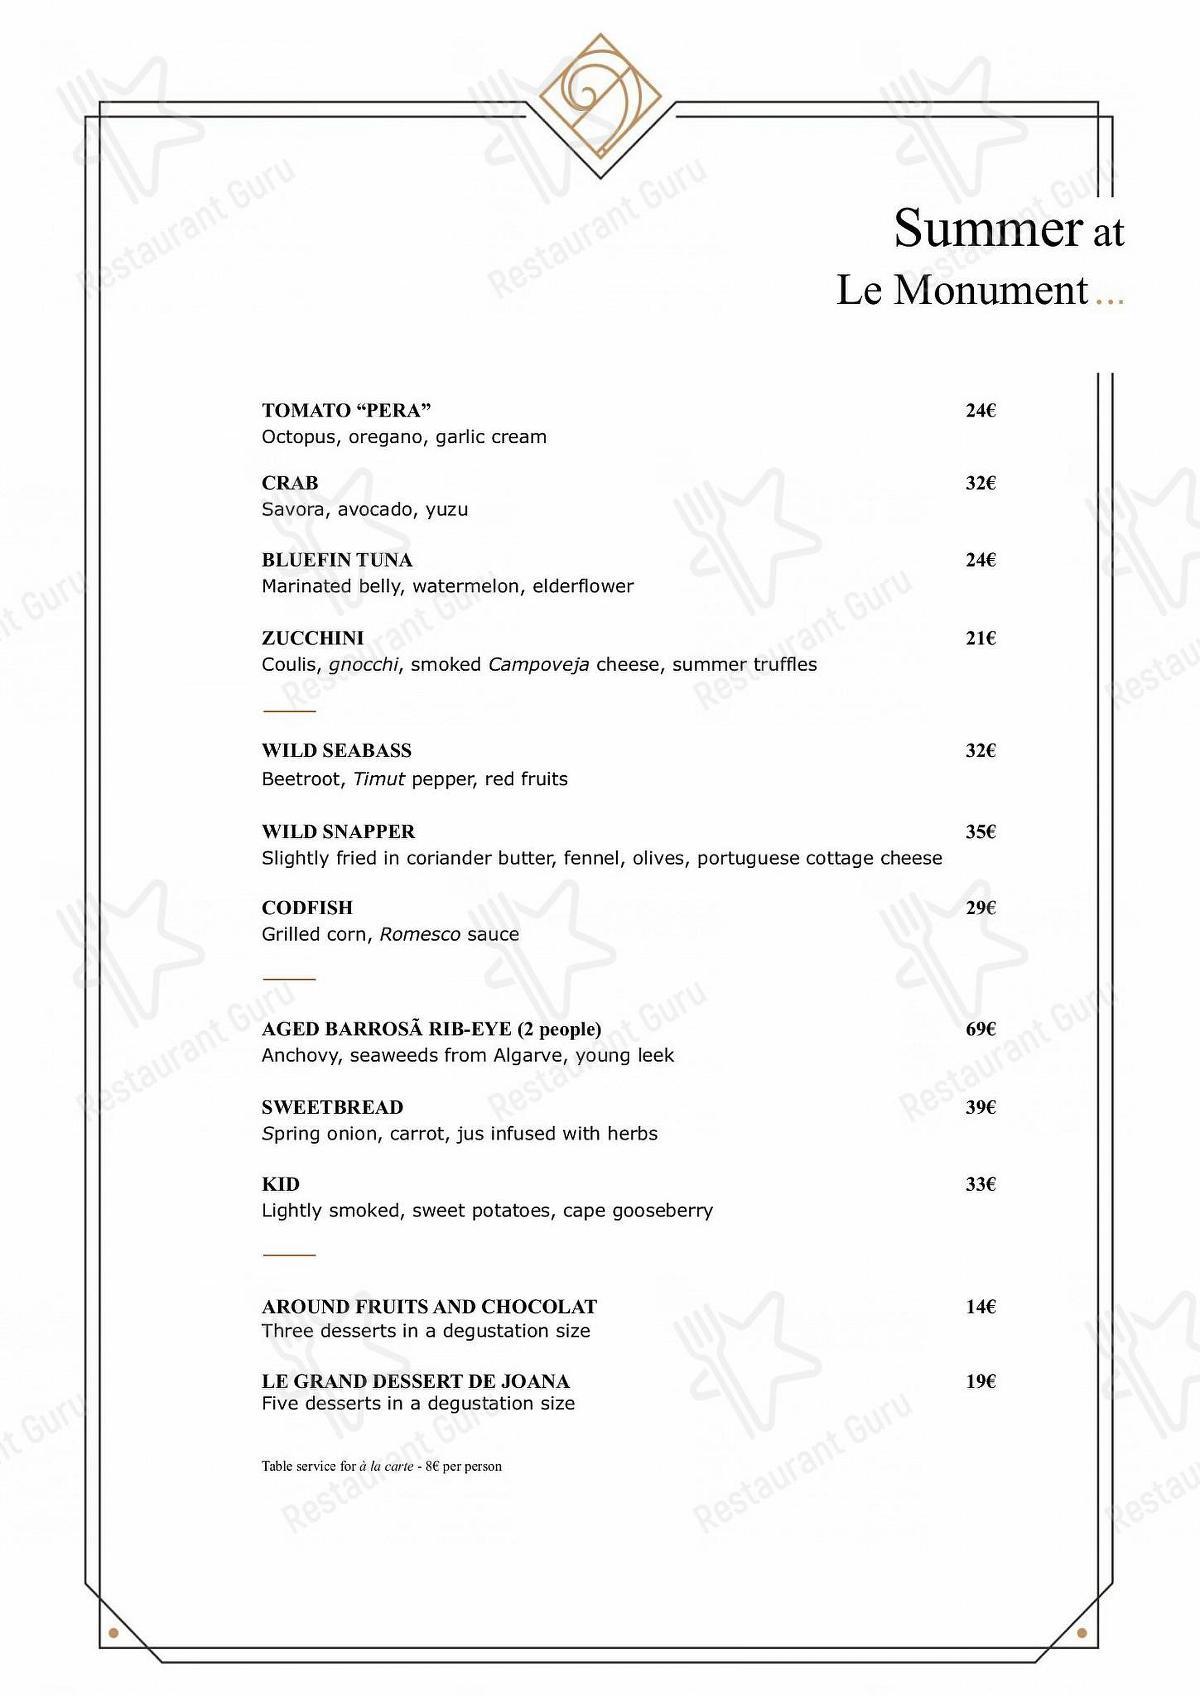 Carta de Le Monument - platos y bebidas